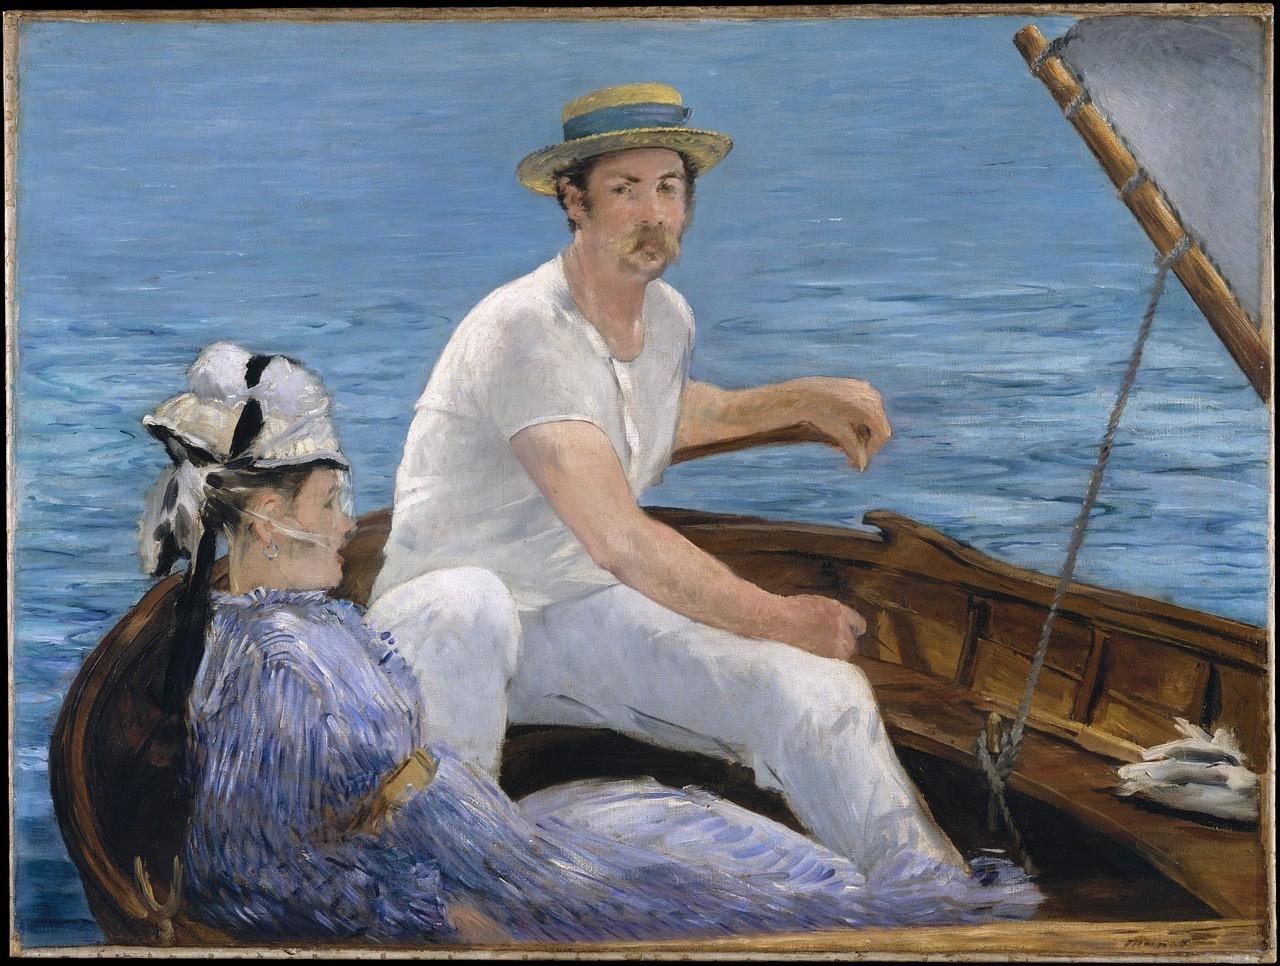 Los 8 cuadros de Monet más conocidos 2